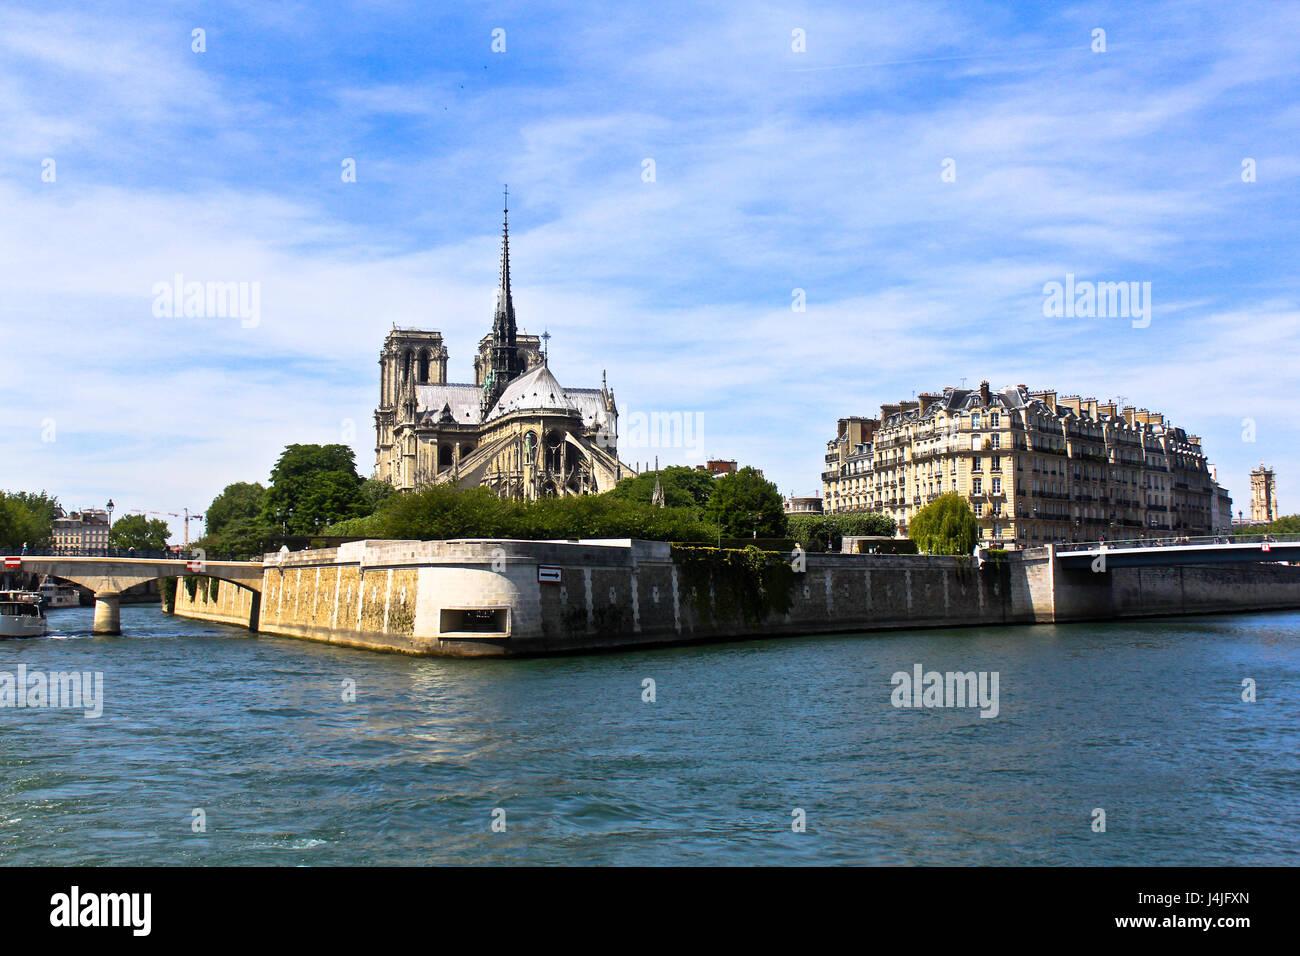 Notre-dame de paris - Stock Image